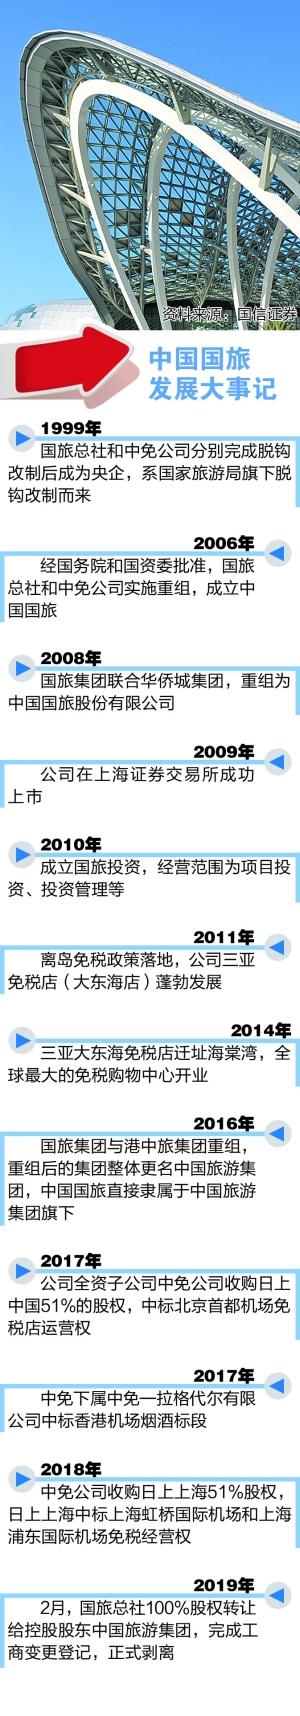 """新赛道""""加减法""""并用 中国国旅"""